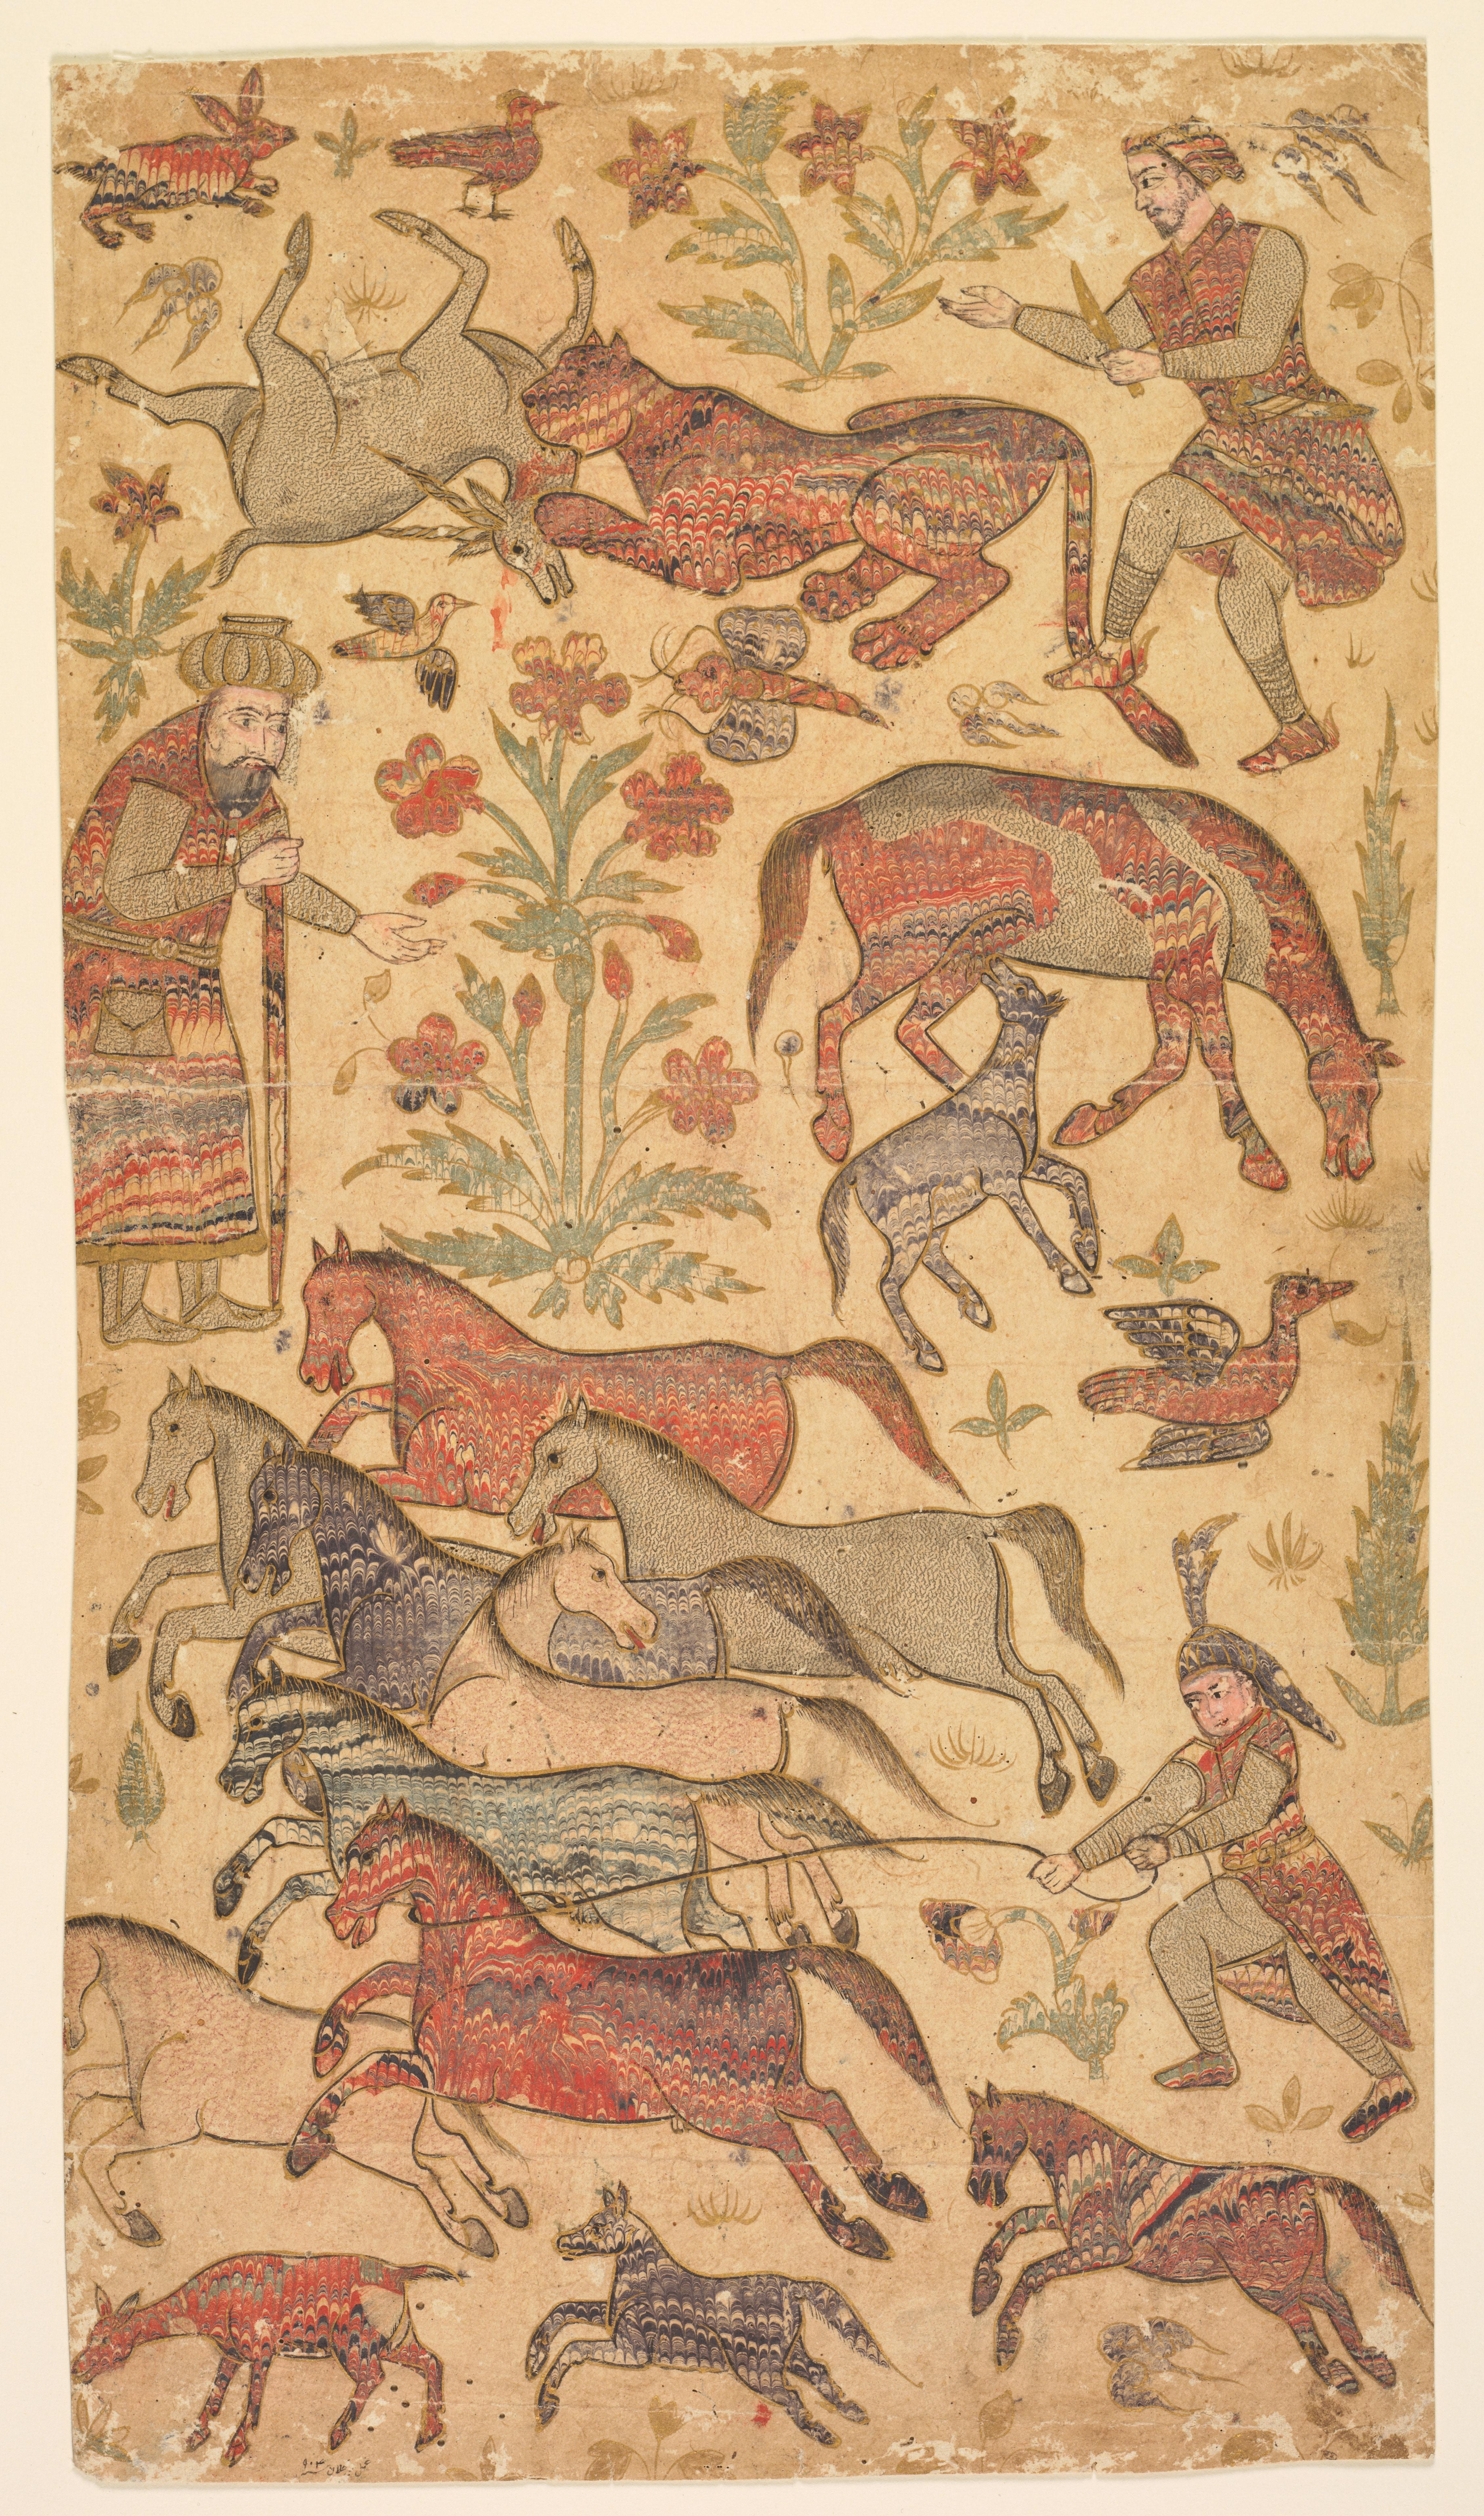 Papier marbré illustrant Rustam capturant Rakhsh. Aquarelle opaque et or sur papier. Attribué à Shafi. Inde, circa 1650 © The Cleveland Museum of Art